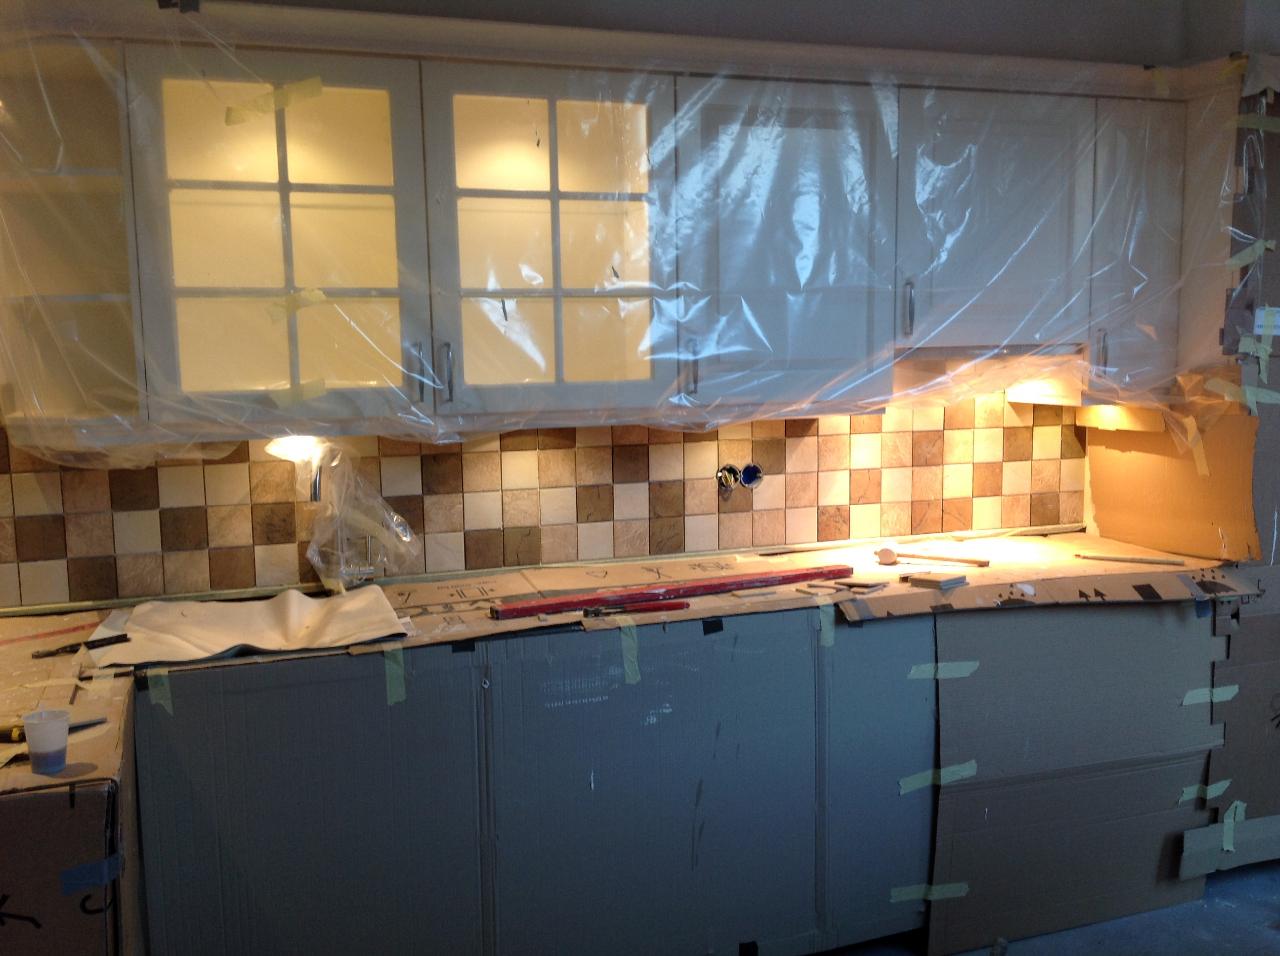 Mooie Keuken Tegels : Badkamer plafondplinten en keukentegels wieringenlaan